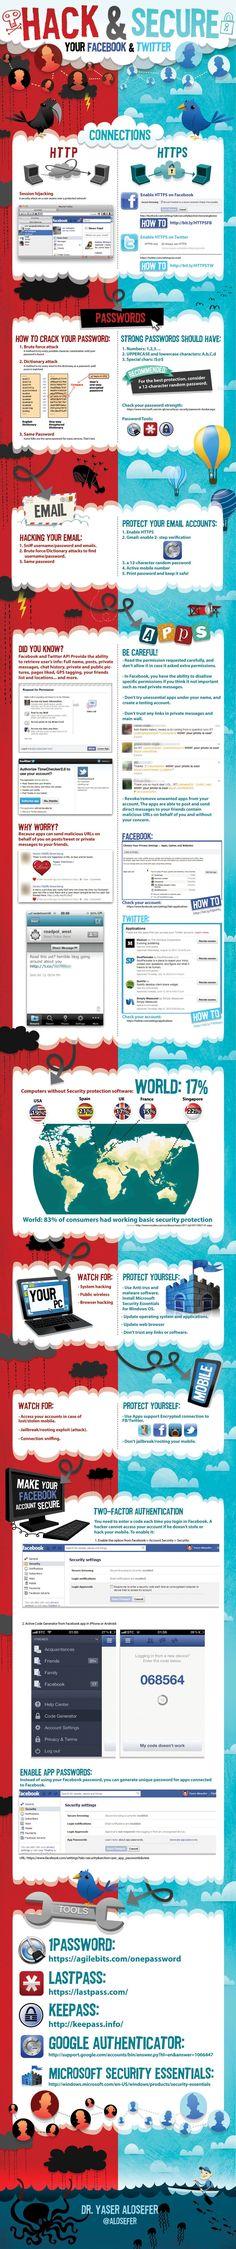 Amenazas y seguridad en Twitter y FaceBook #infografia #infographic #socialmedia